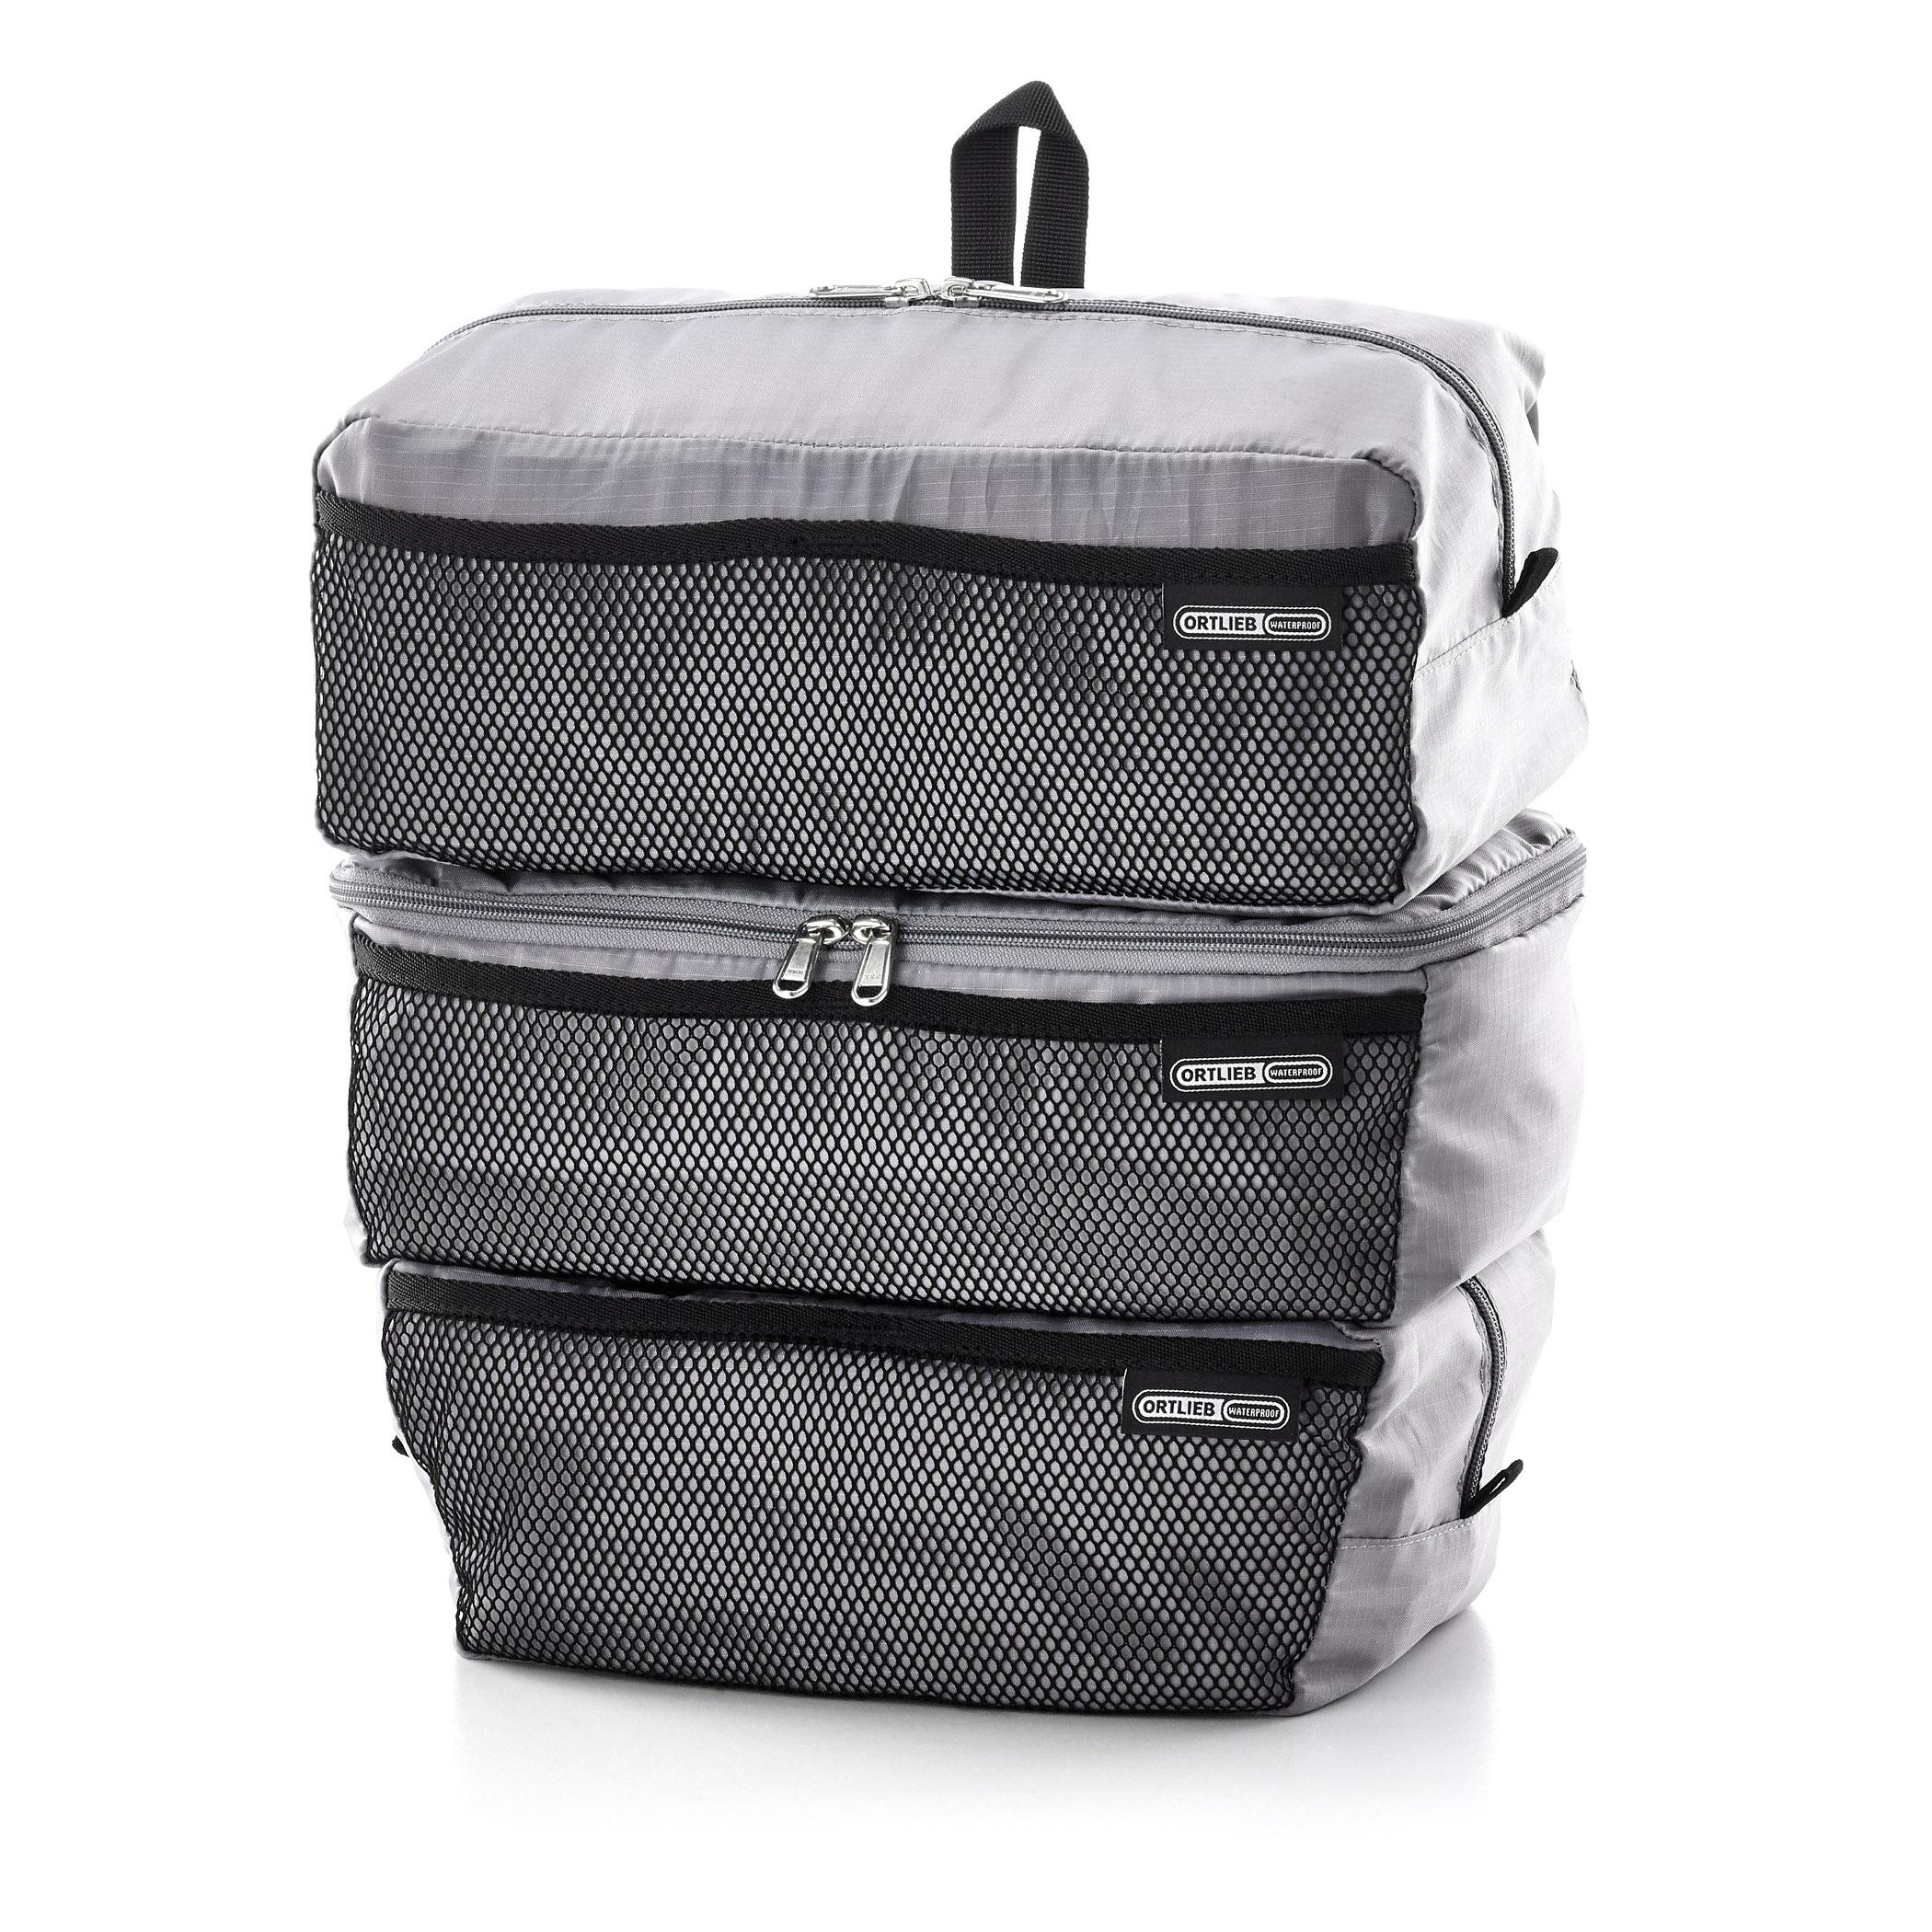 Ortlieb Packing-Cubes für Taschen